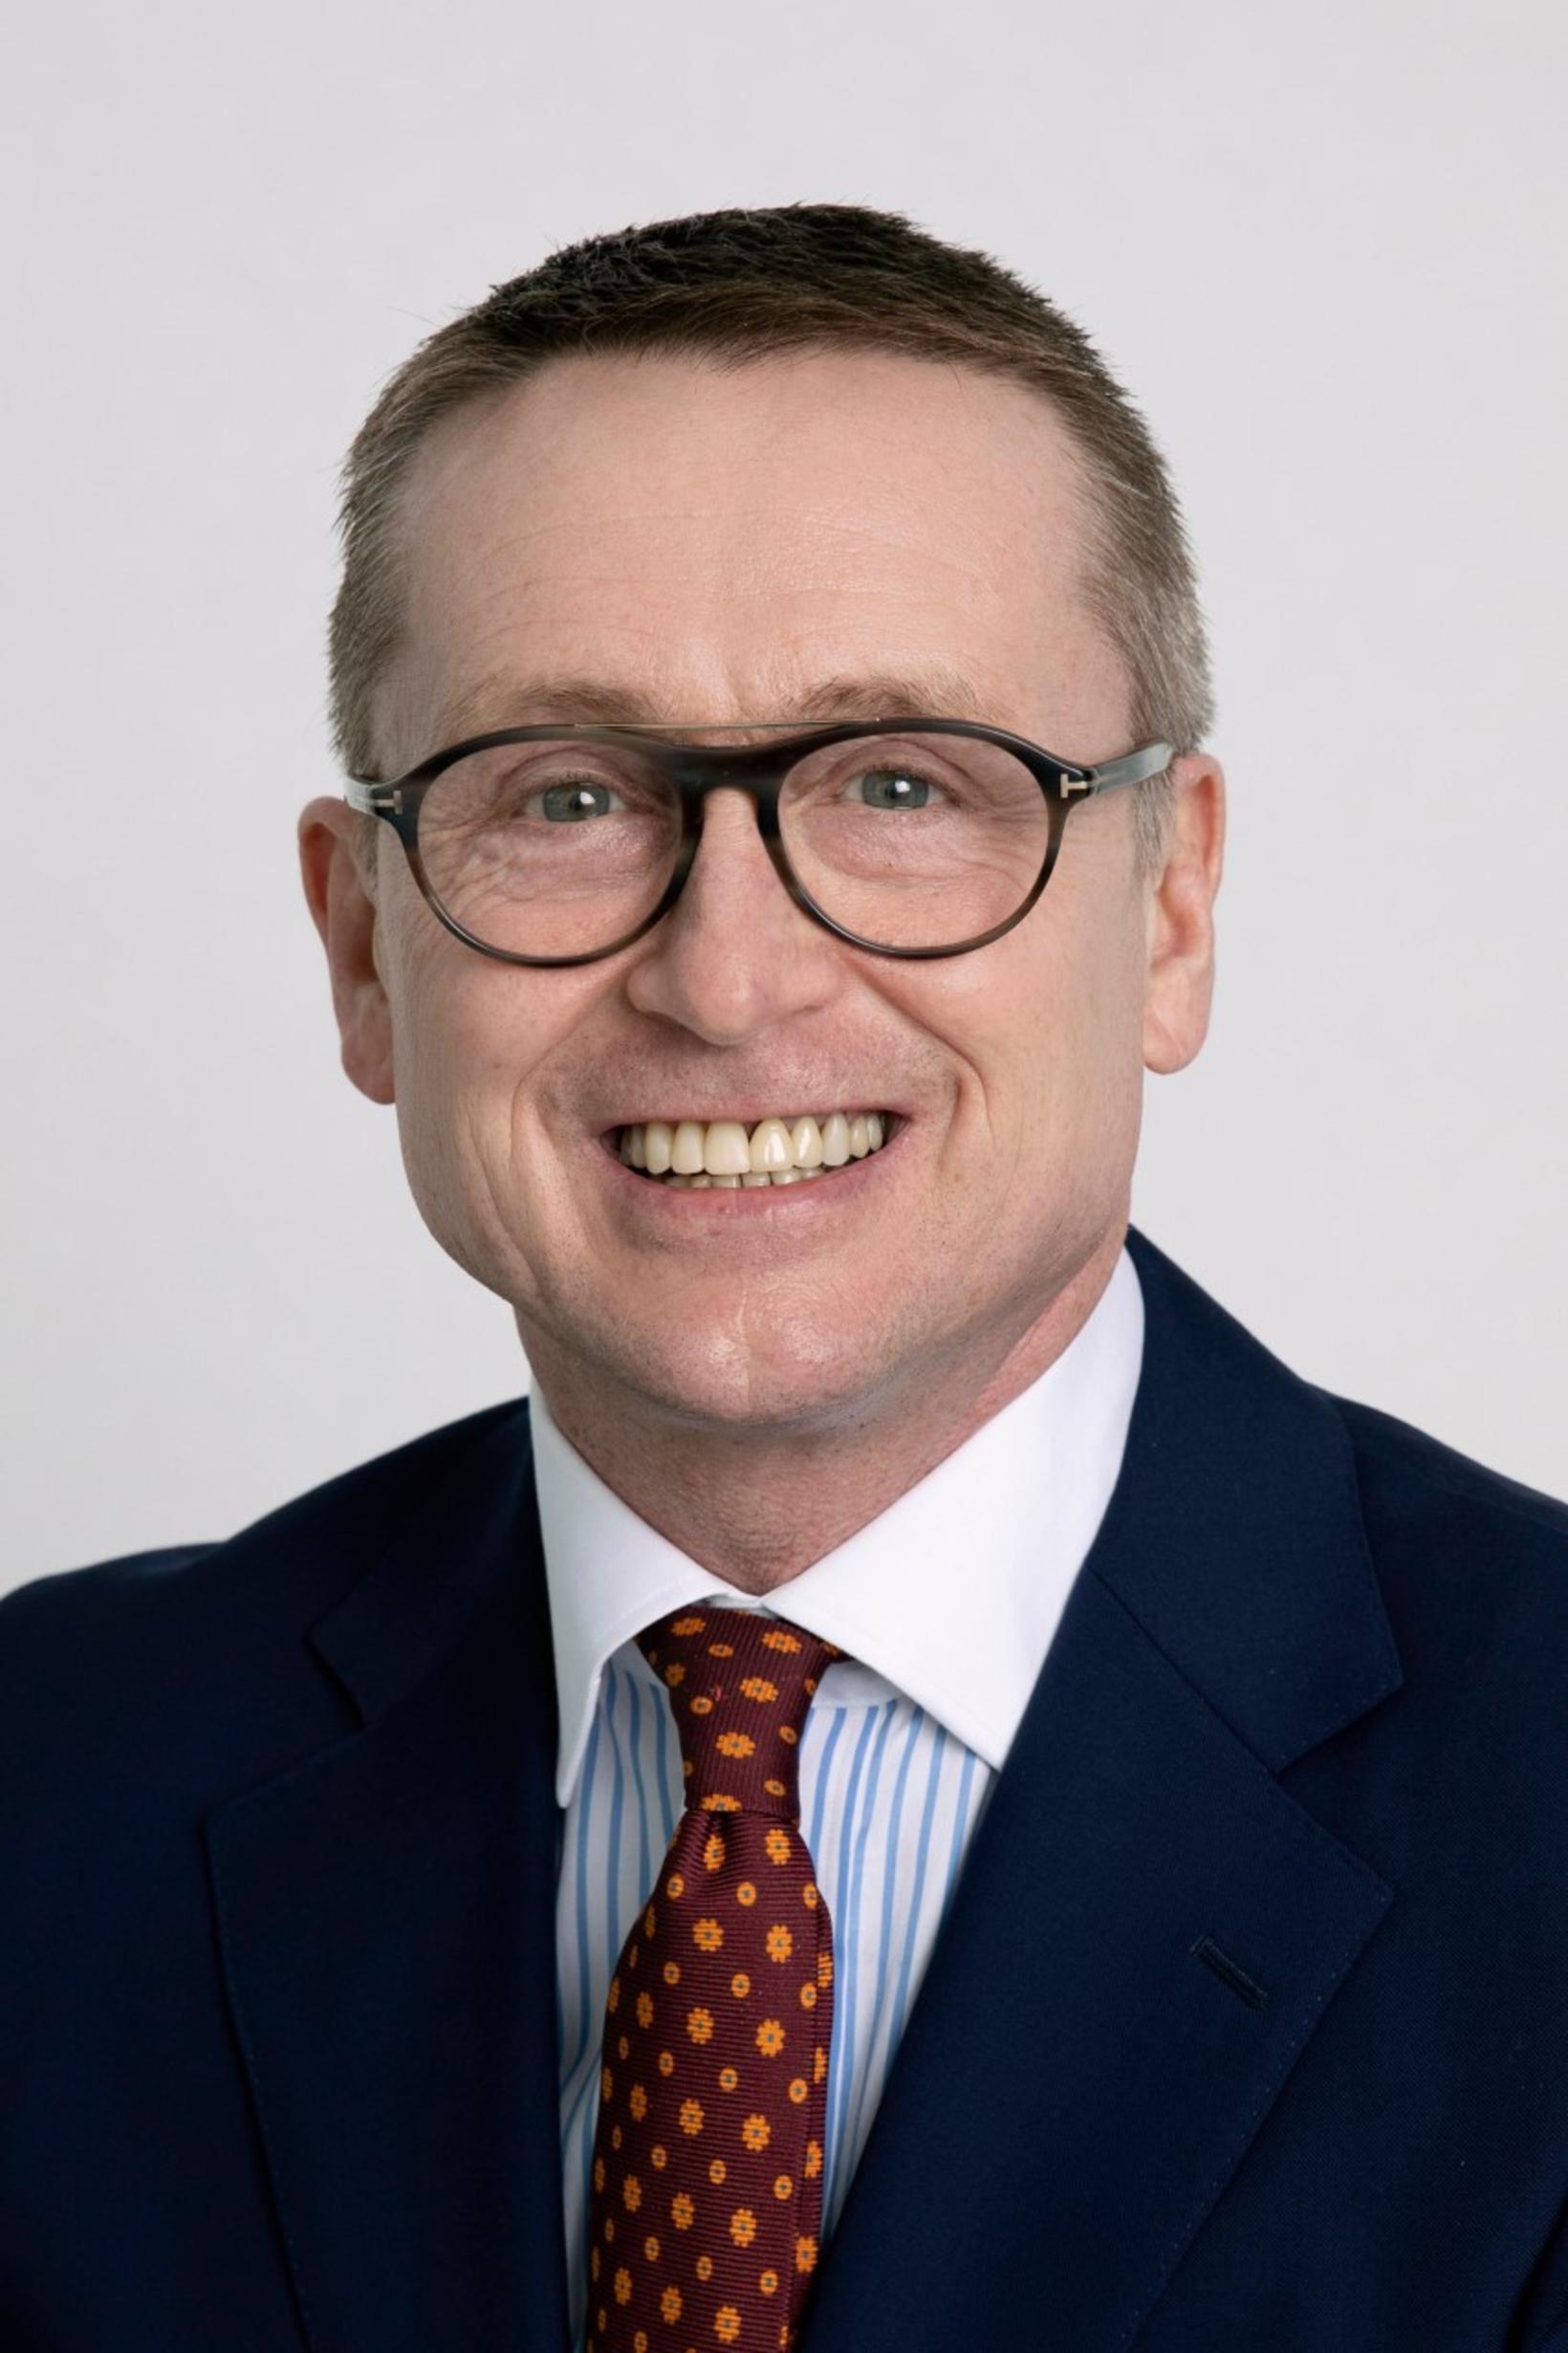 Óskar Finnsson kom að hönnun sósanna.